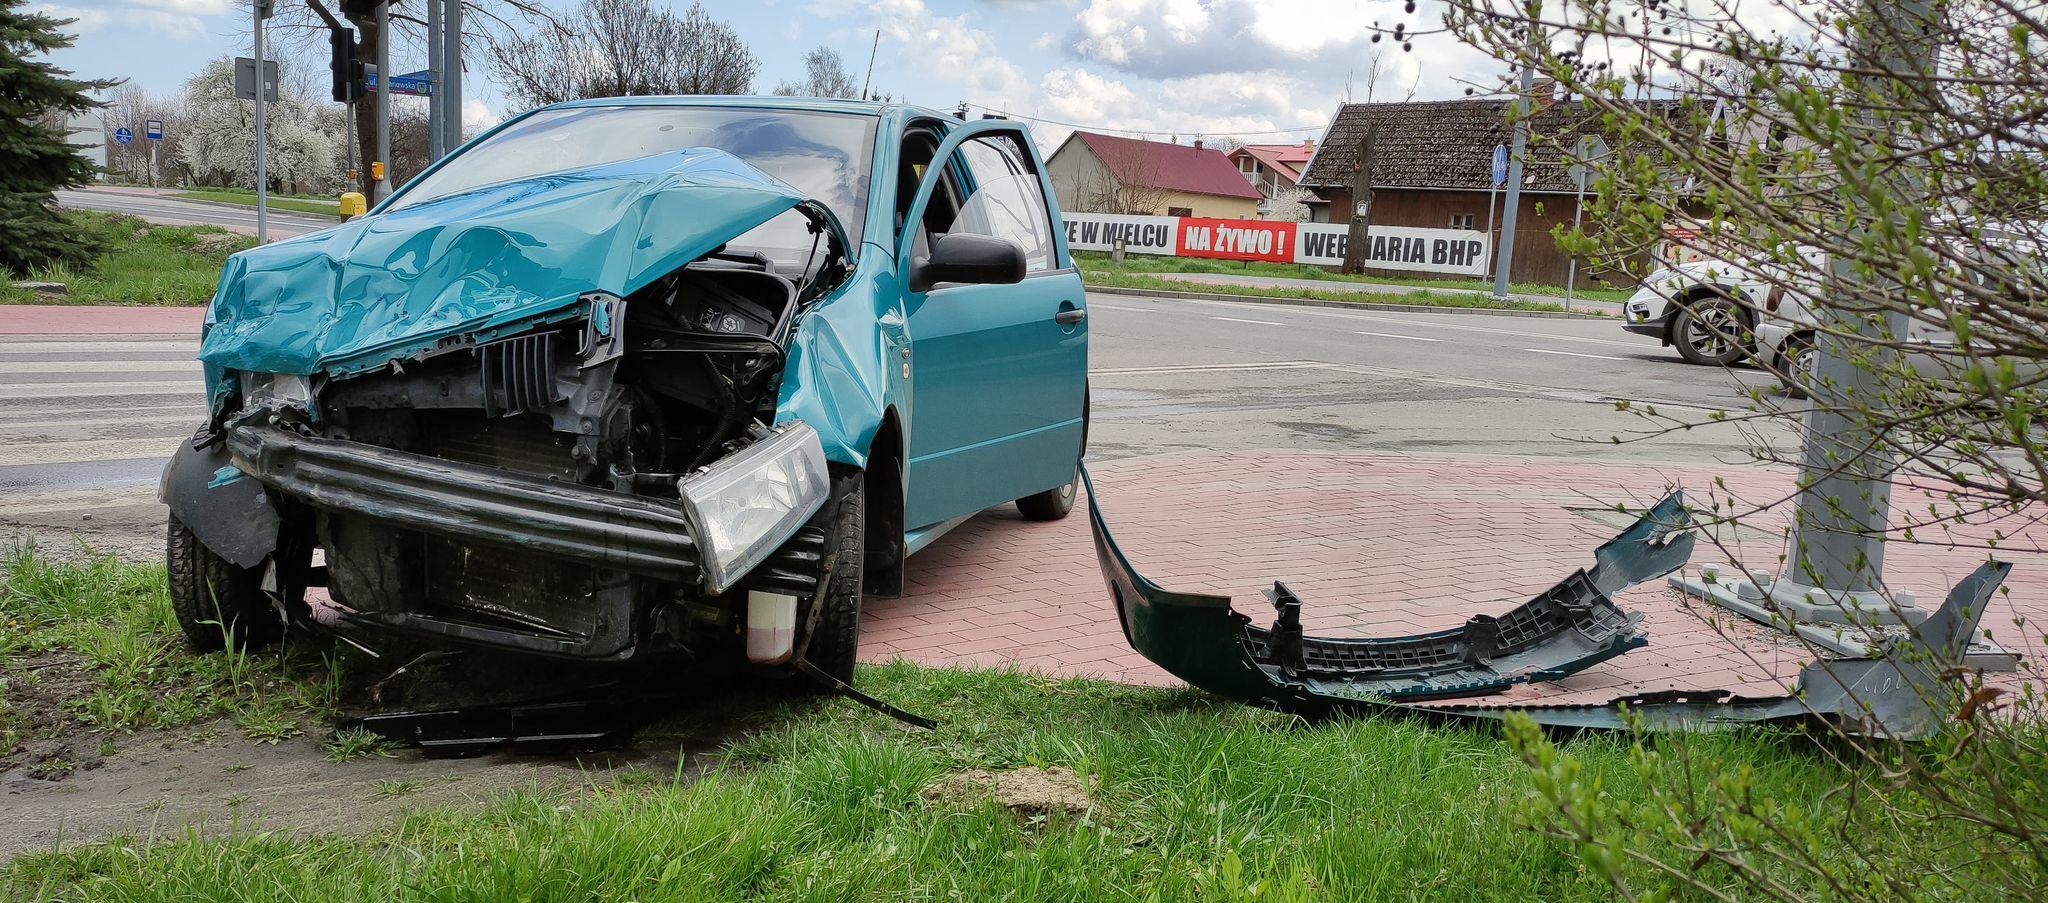 Zderzenie dwóch samochodów osobowych [ZDJĘCIA] - Zdjęcie główne